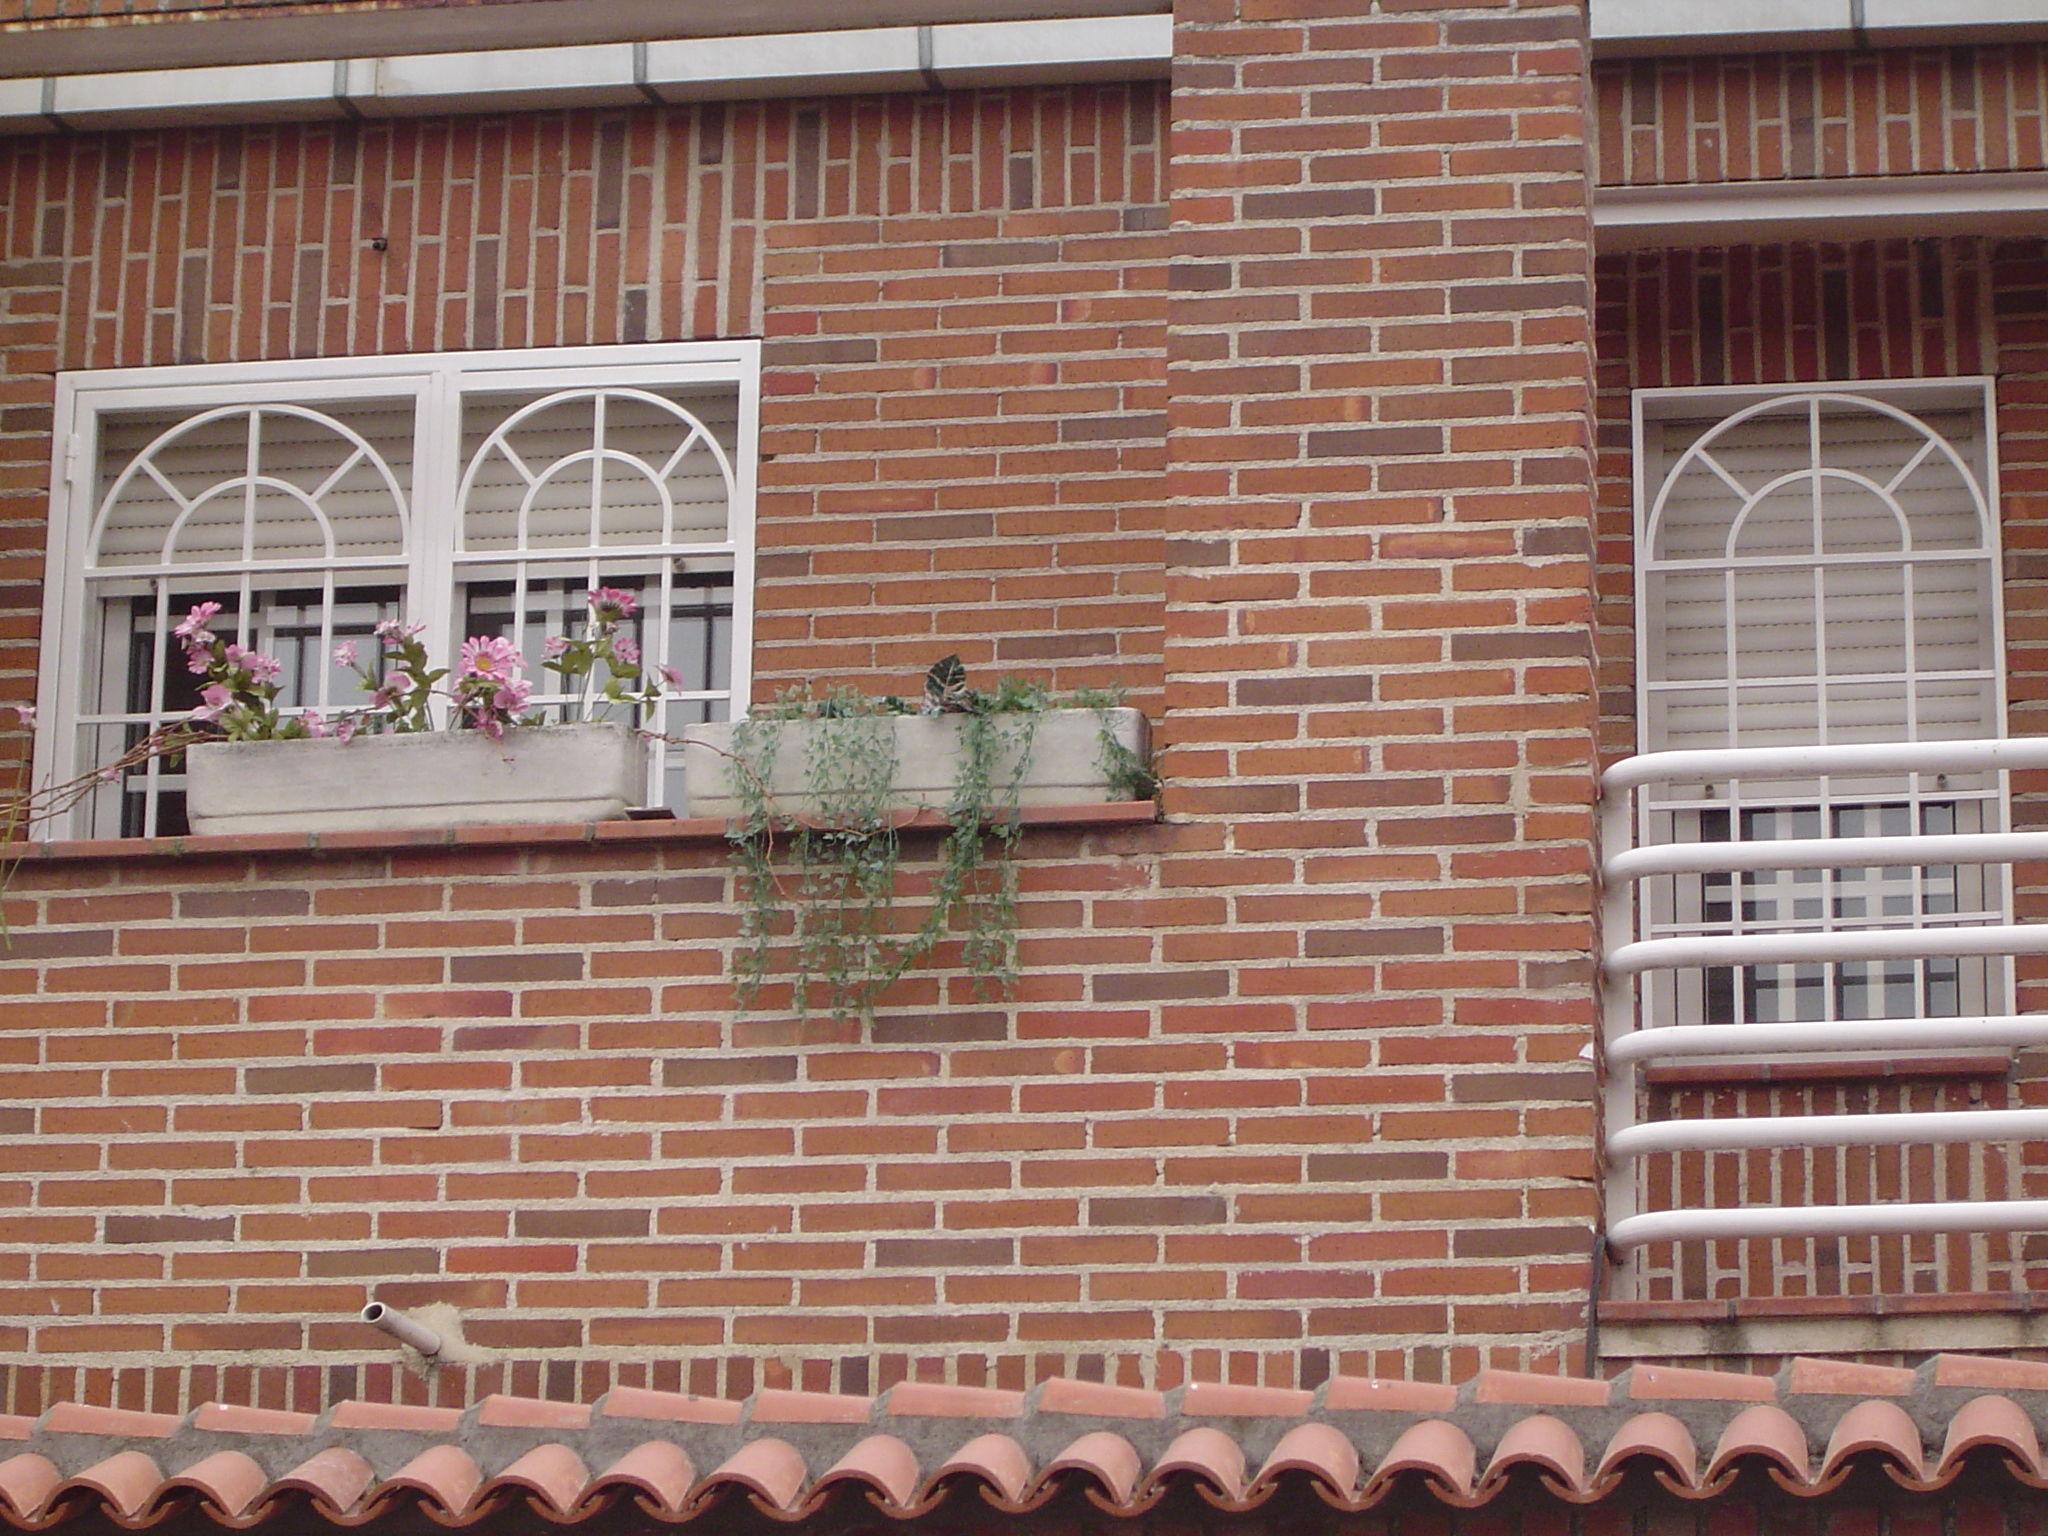 Foto 5 de Cierres y puertas metálicas en Madrid | Talleres Chacón